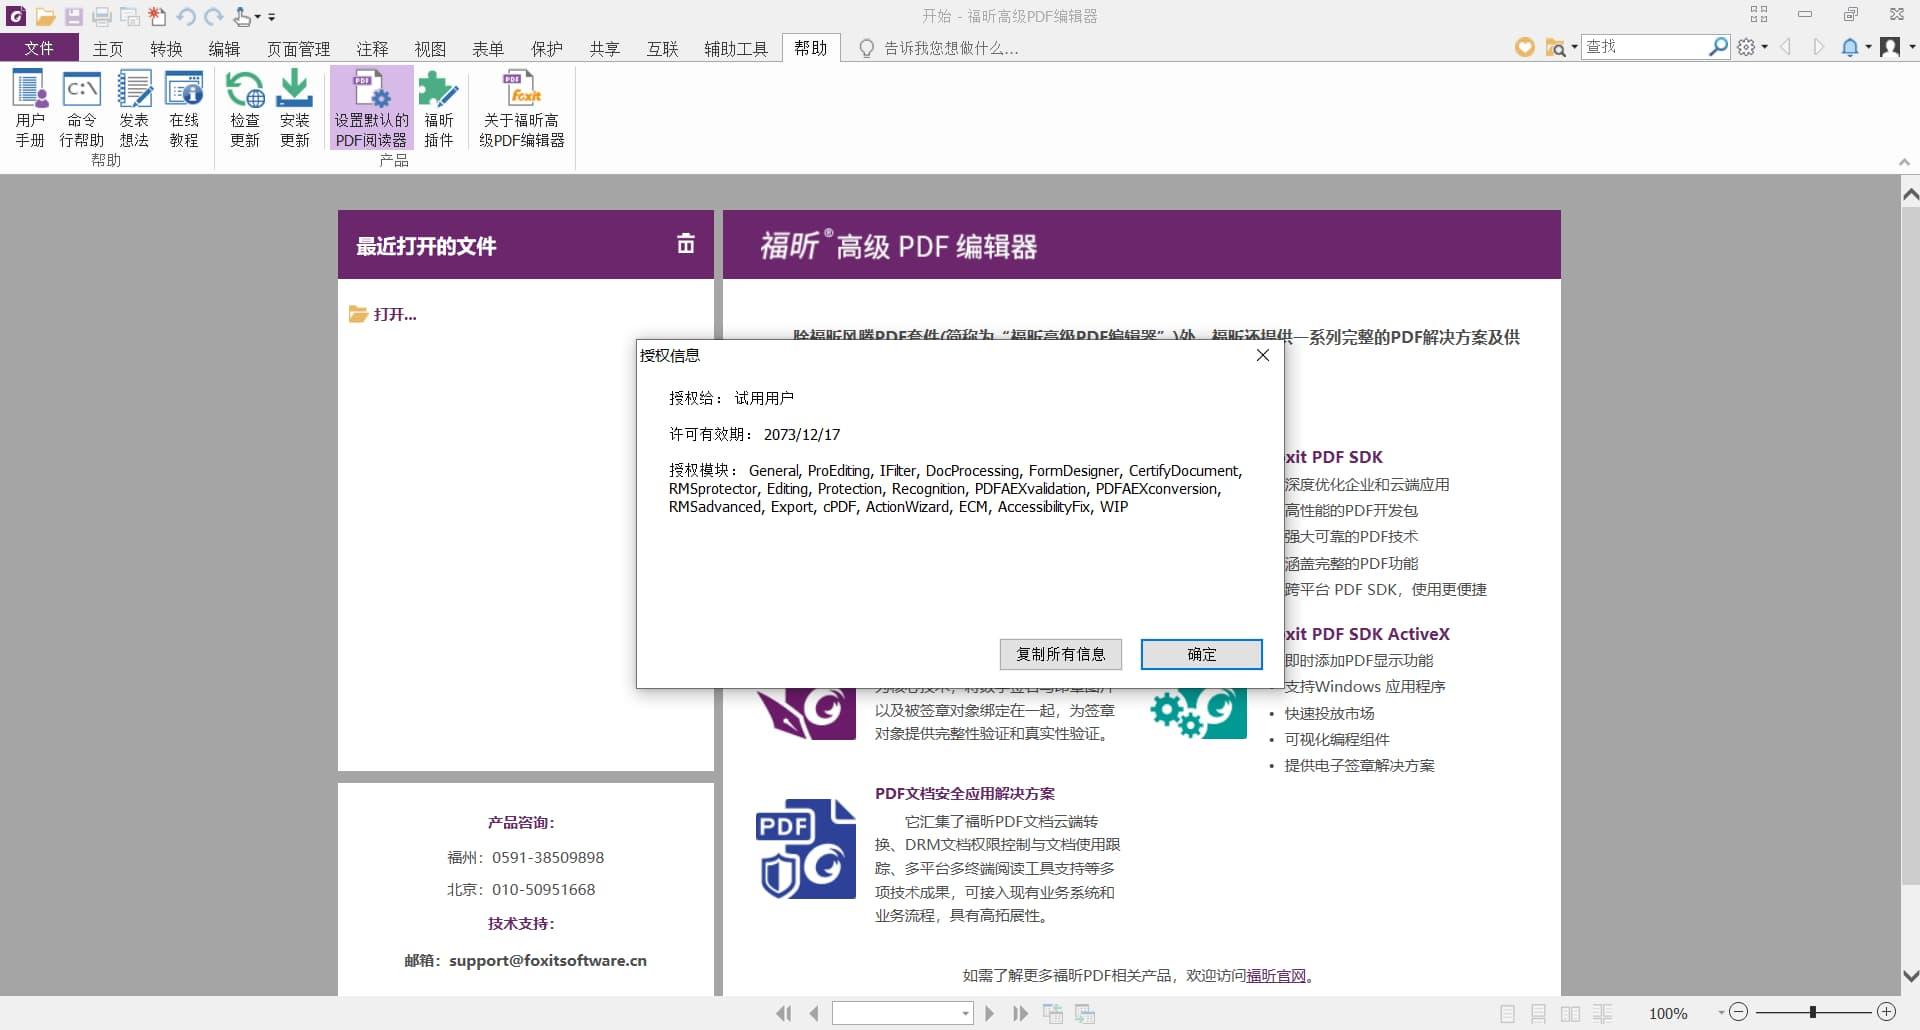 福昕风腾 PDF 套件 9.5.0.20723 企业直装破解版